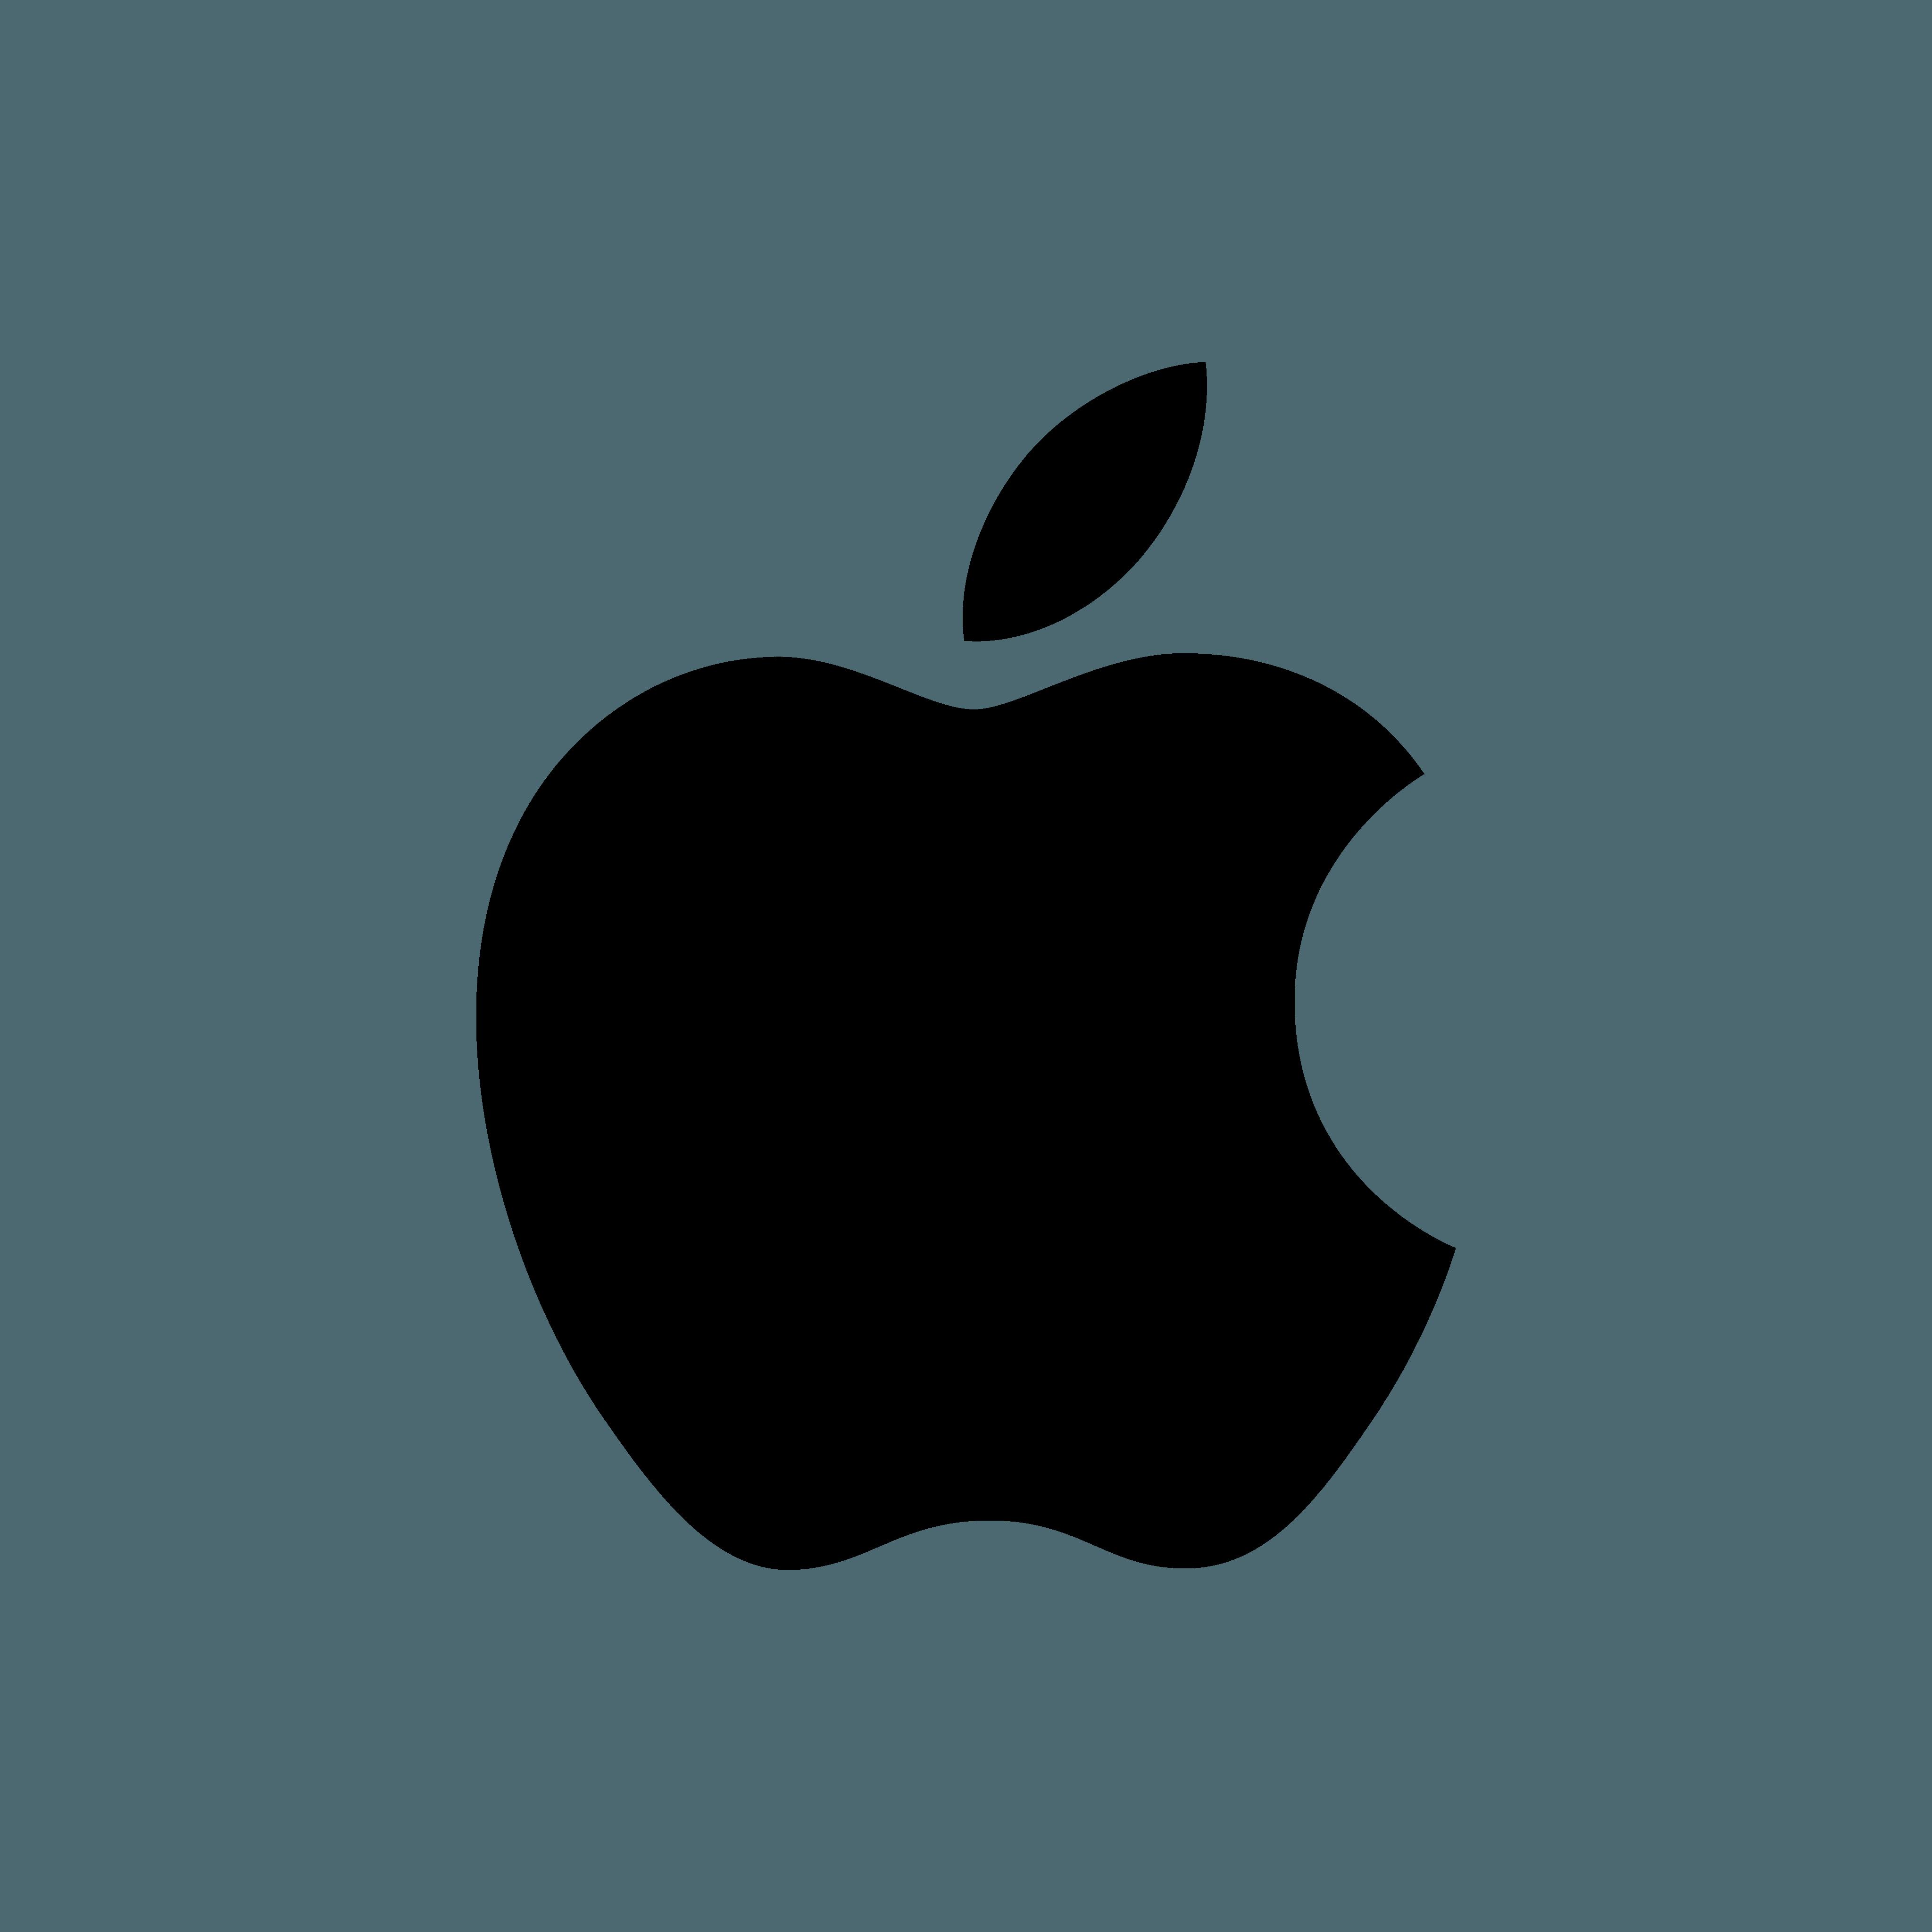 apple-logo-png-transparent-background-11